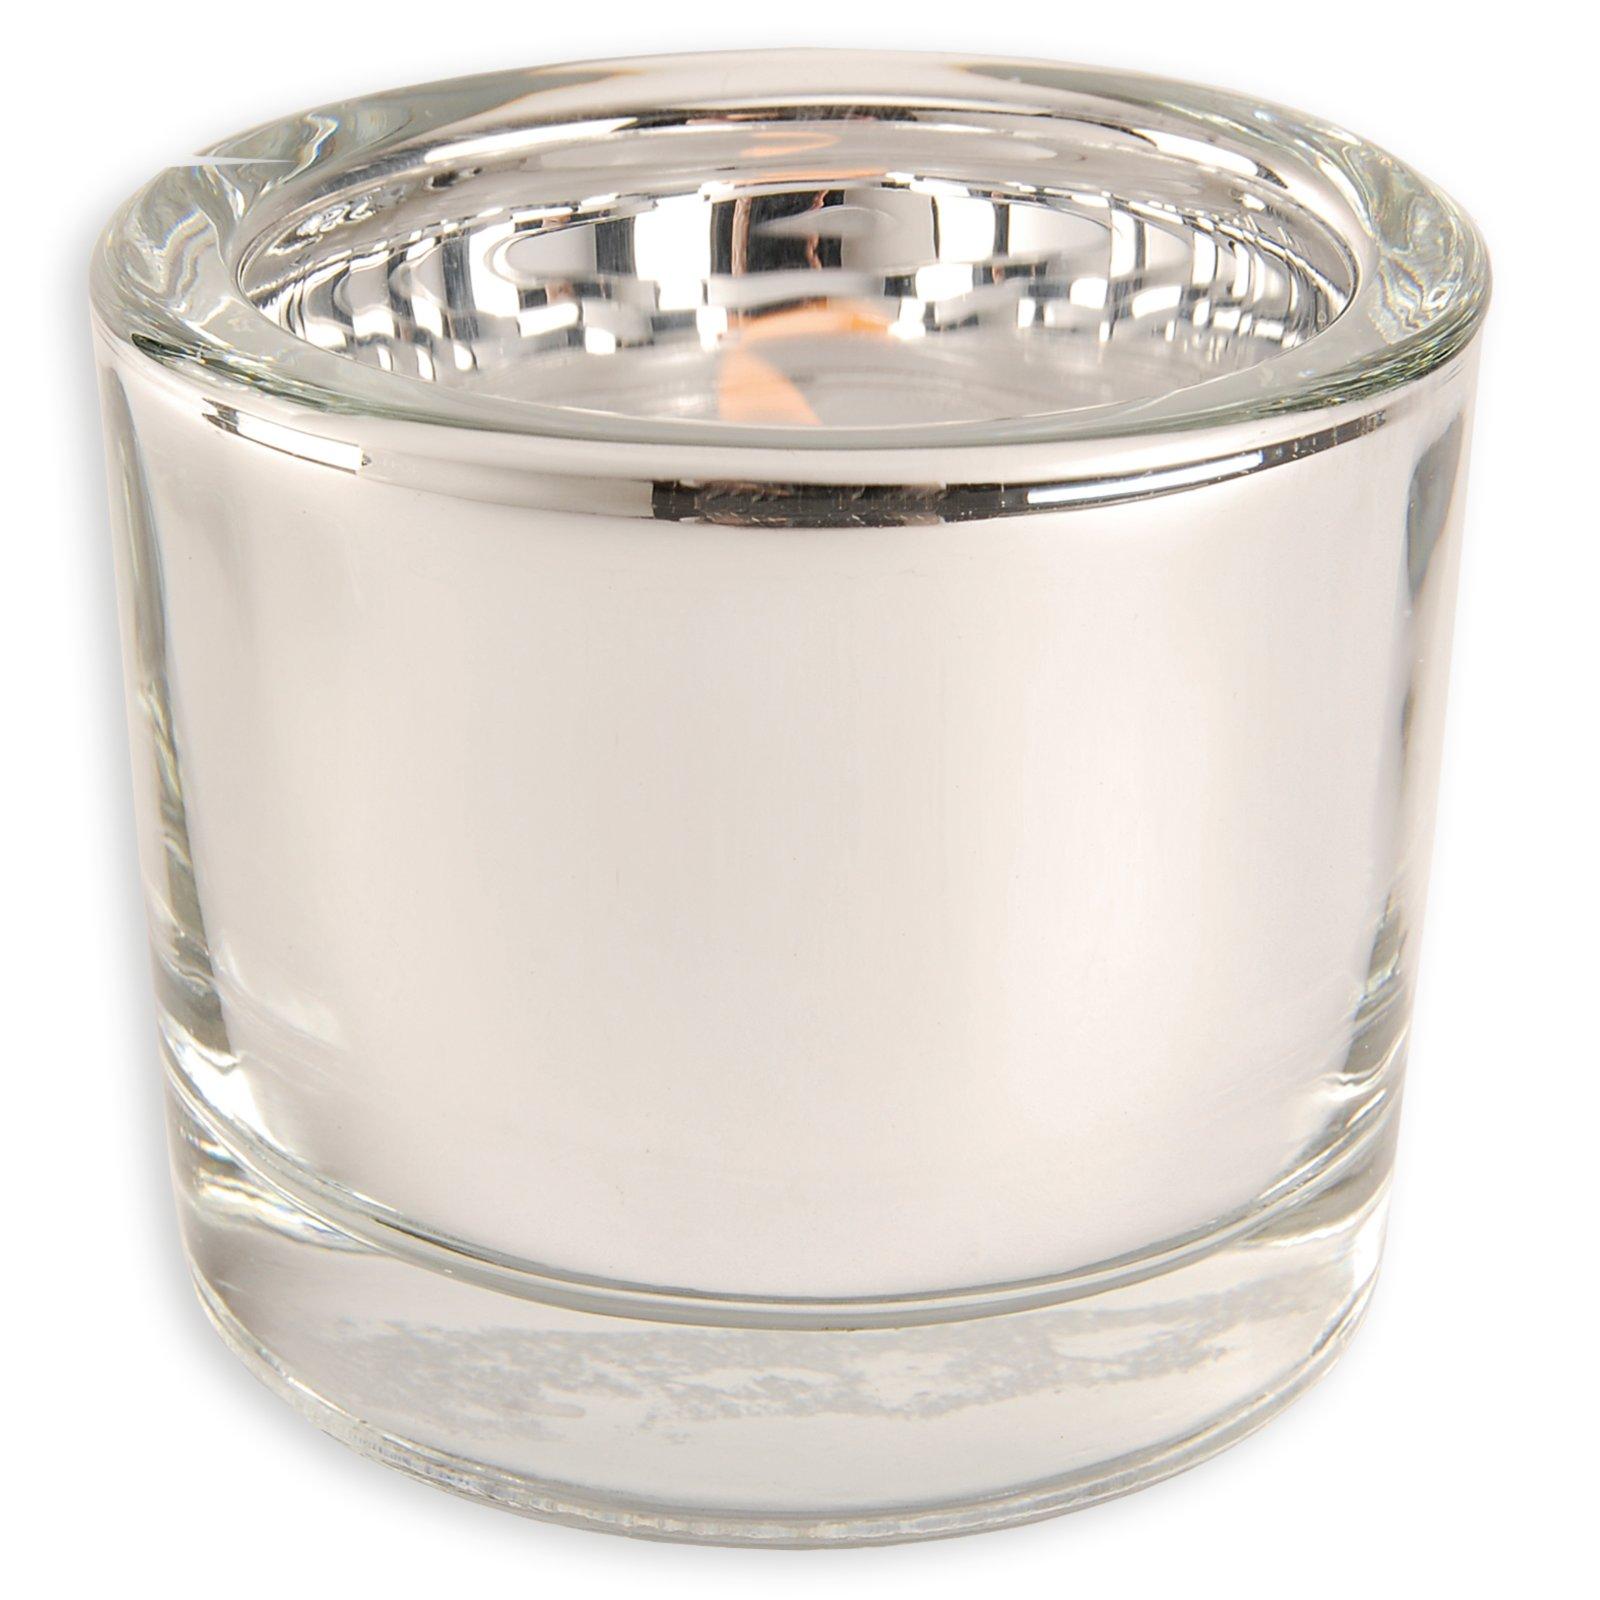 Glas-Windlicht - silber - Ø 6,5 - 5,7 cm hoch